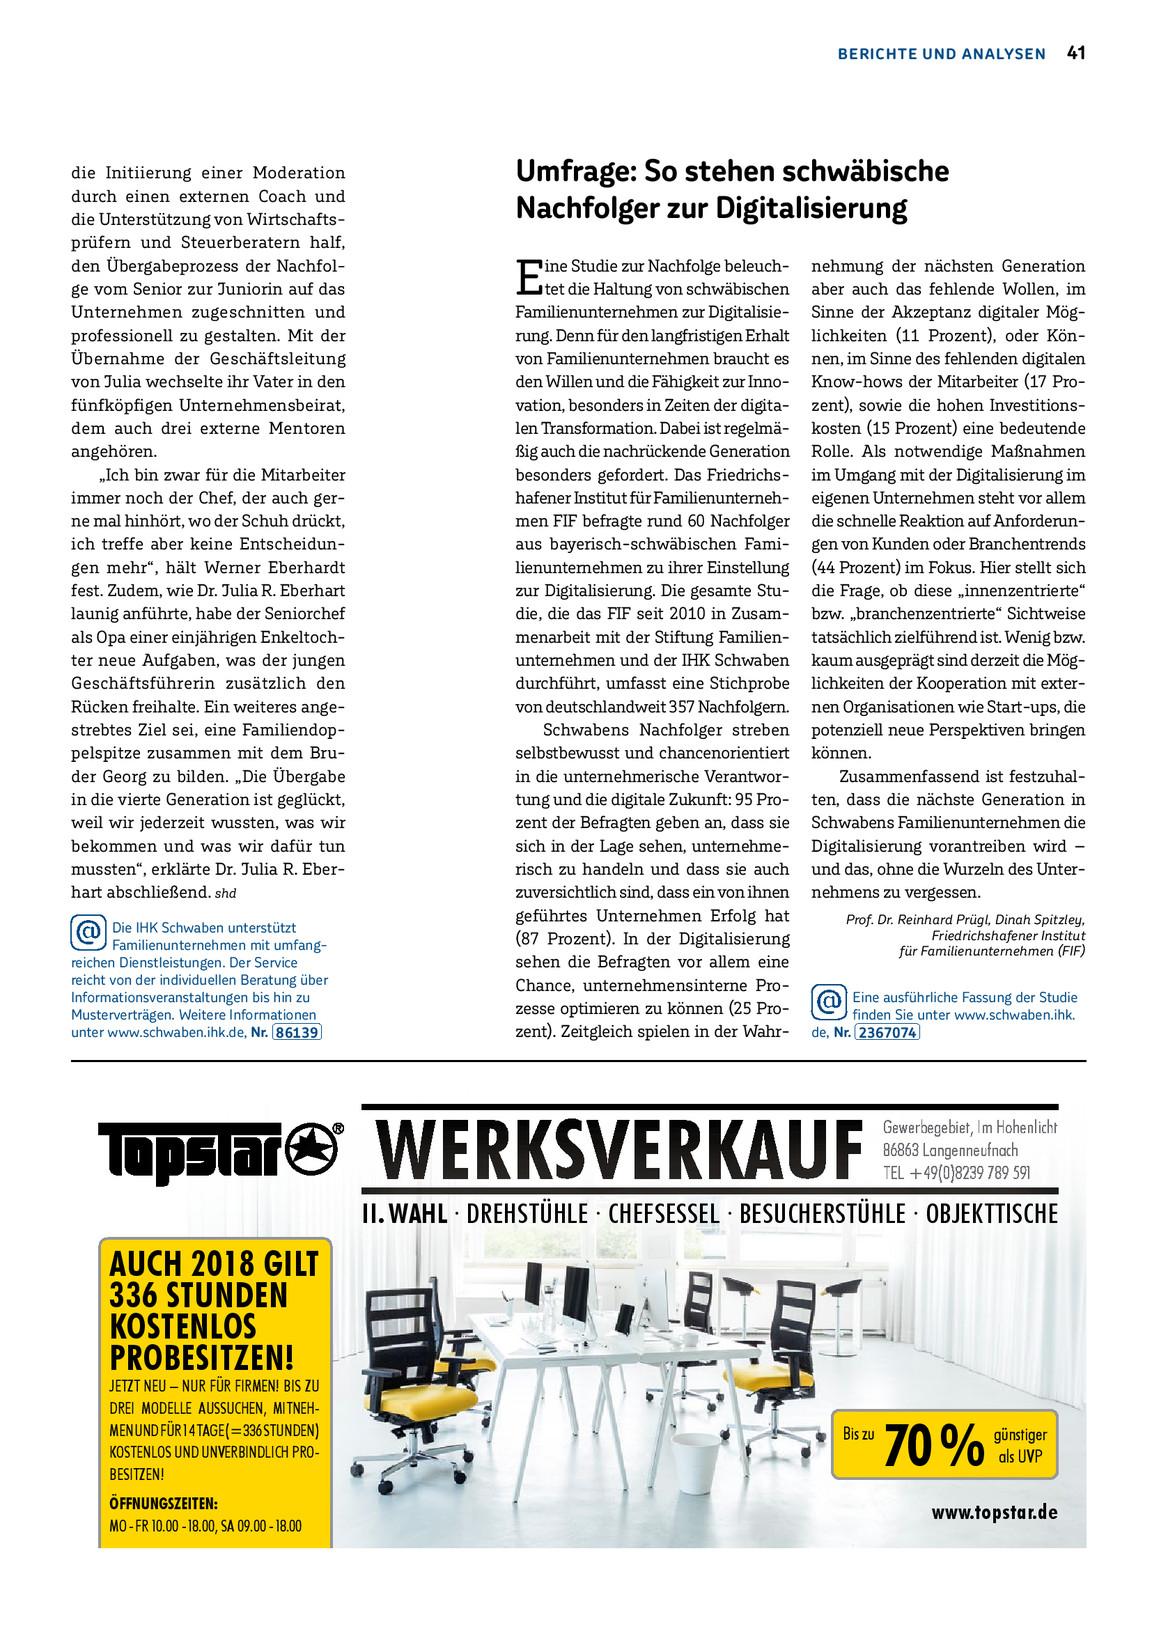 Bayerisch Schwäbische Wirtschaft 7 82018 B4b Schwaben Kiosk